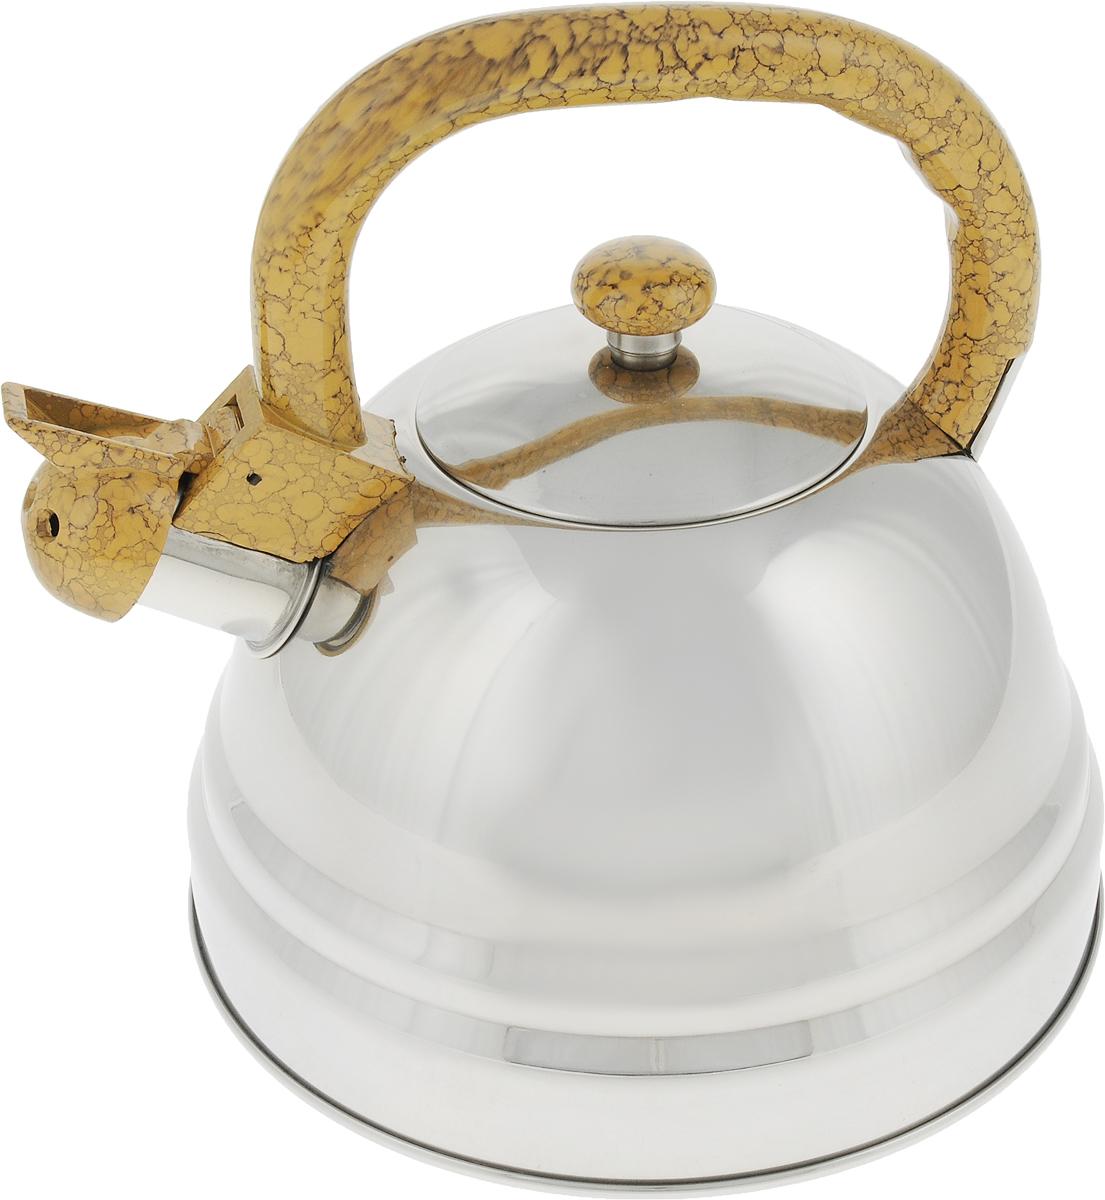 Чайник Bekker Koch со свистком, цвет: бежевый, 3 л. BK-S337BK-S337_бежевыйЧайник Bekker Koch выполнен из высококачественной нержавеющей стали, что обеспечивает долговечность использования. Внешнее зеркальное покрытие придает приятный внешний вид. Пластиковая фиксированная ручка делает использование чайника очень удобным и безопасным. Чайник снабжен свистком и устройством для открывания носика. Изделие оснащено капсулированным дном для лучшего распространения тепла.Можно мыть в посудомоечной машине. Пригоден для всех видов плит кроме индукционных.Высота чайника (без учета крышки и ручки): 13 см.Диаметр основания: 22 см. Толщина стенки: 4 мм.